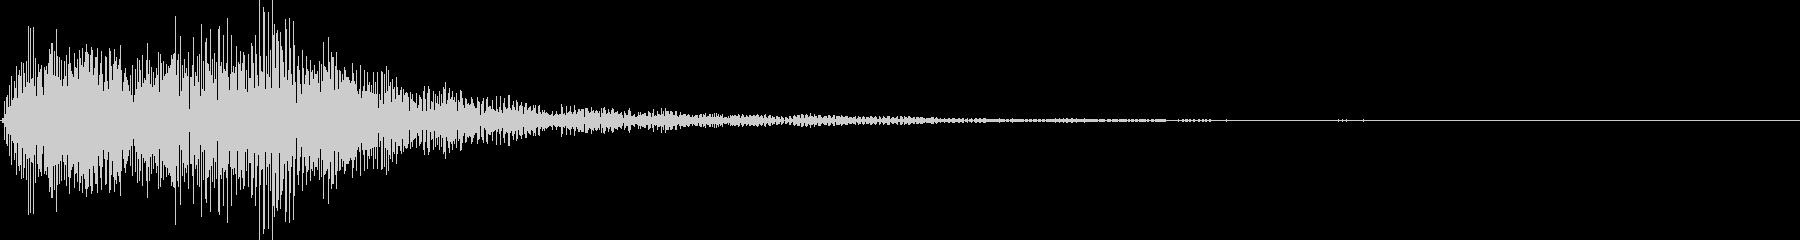 デデーン1 (クイズ出題系 音程低め)の未再生の波形